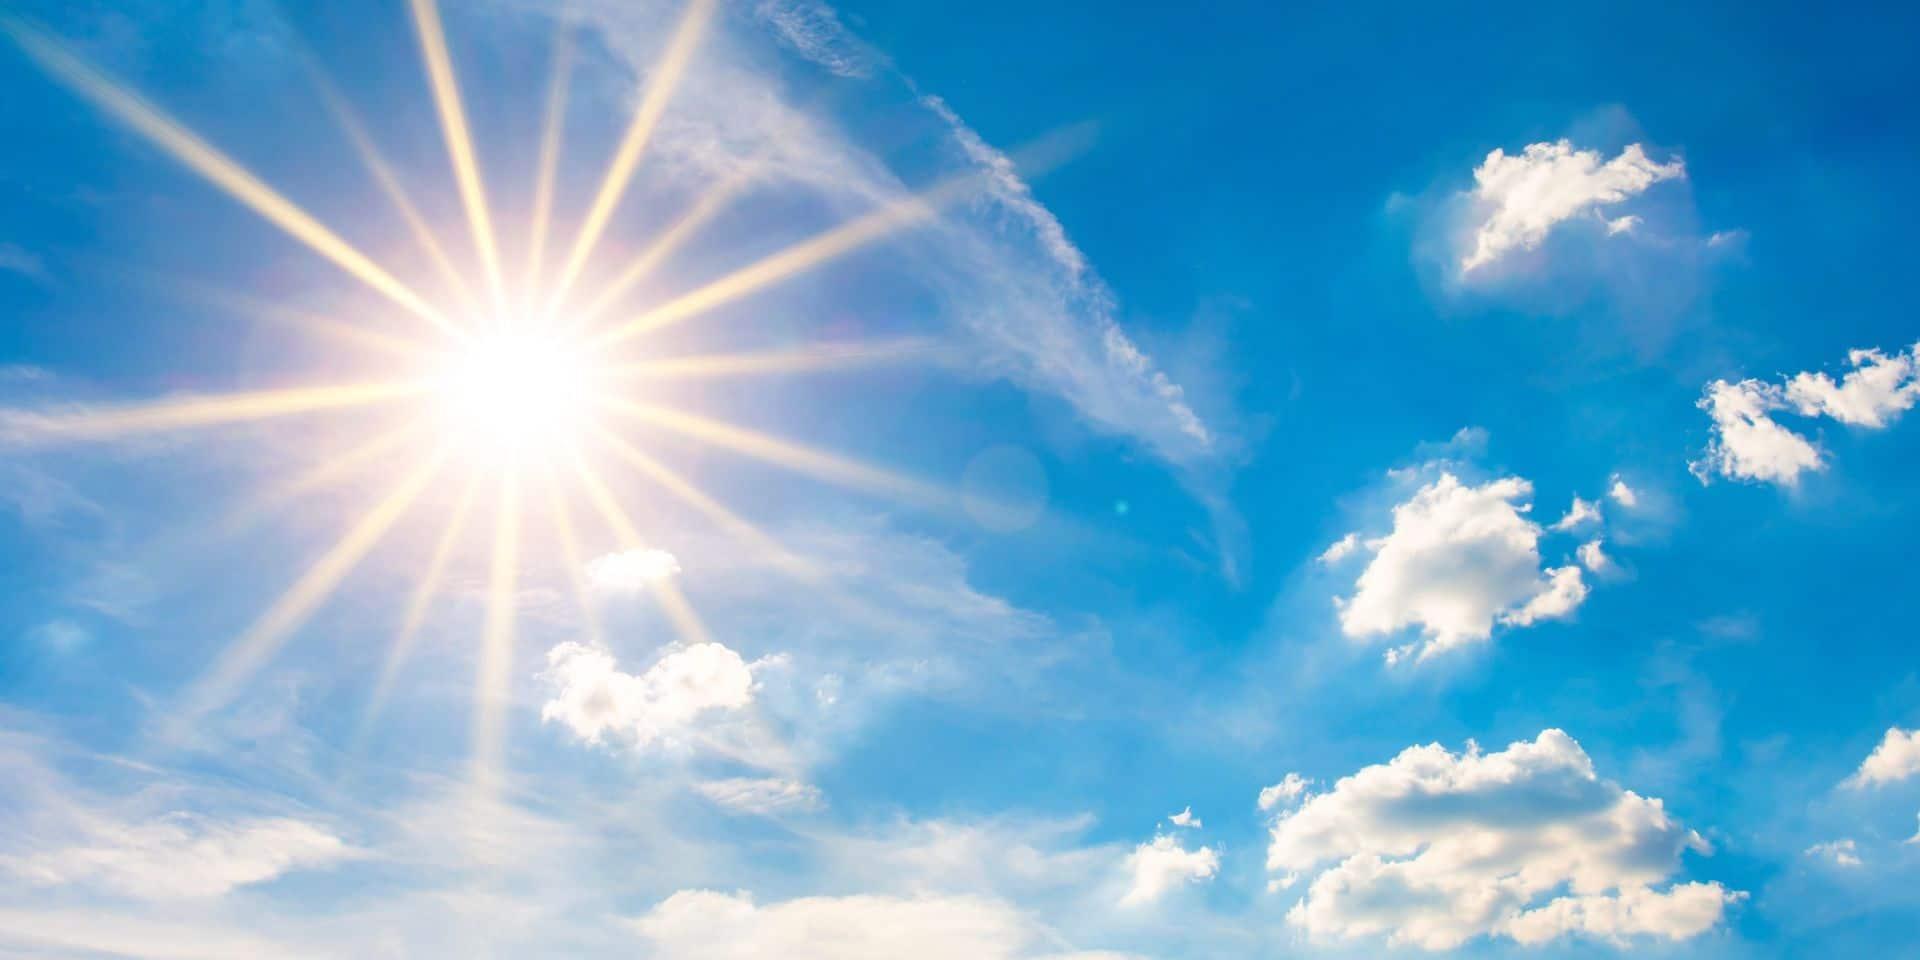 Météo: une très belle journée avant le coup de chaud